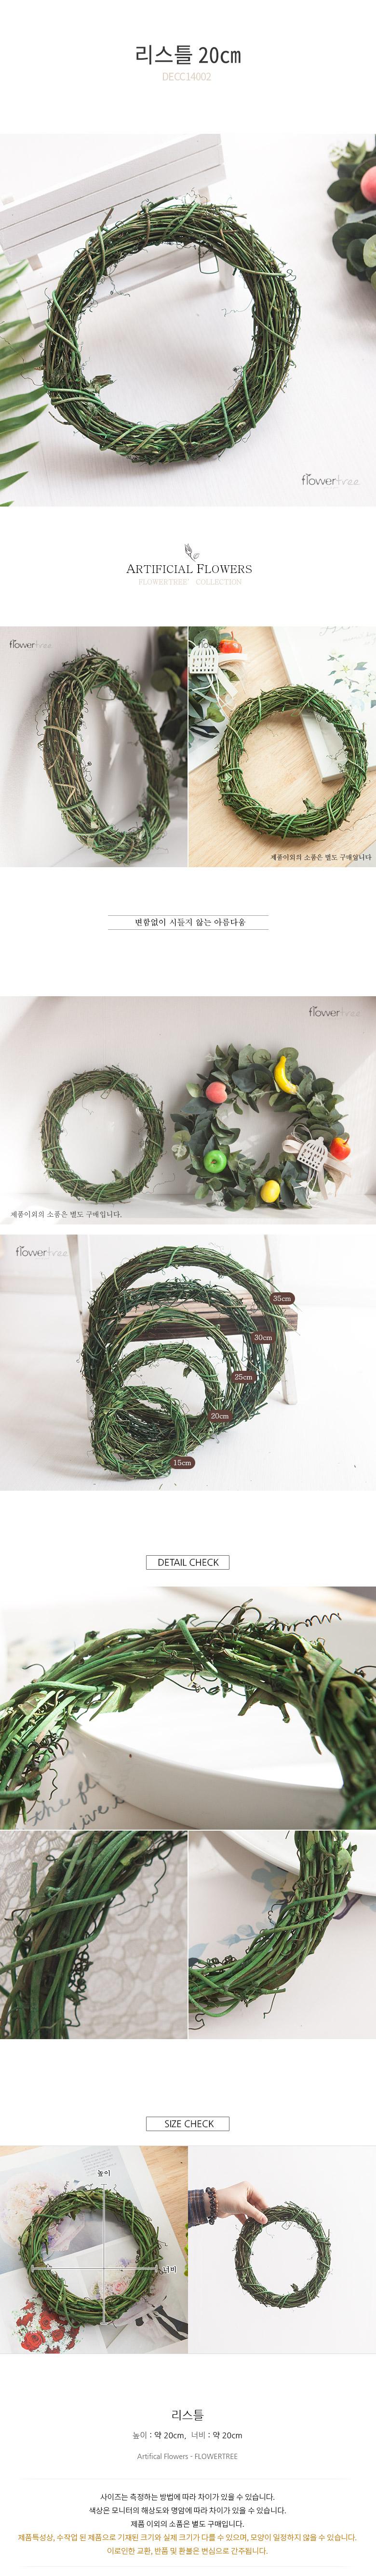 리스틀 20cm  트리 크리스마스 무장식 리스 TRWGHM - 플라워트리, 2,500원, 장식품, 크리스마스소품